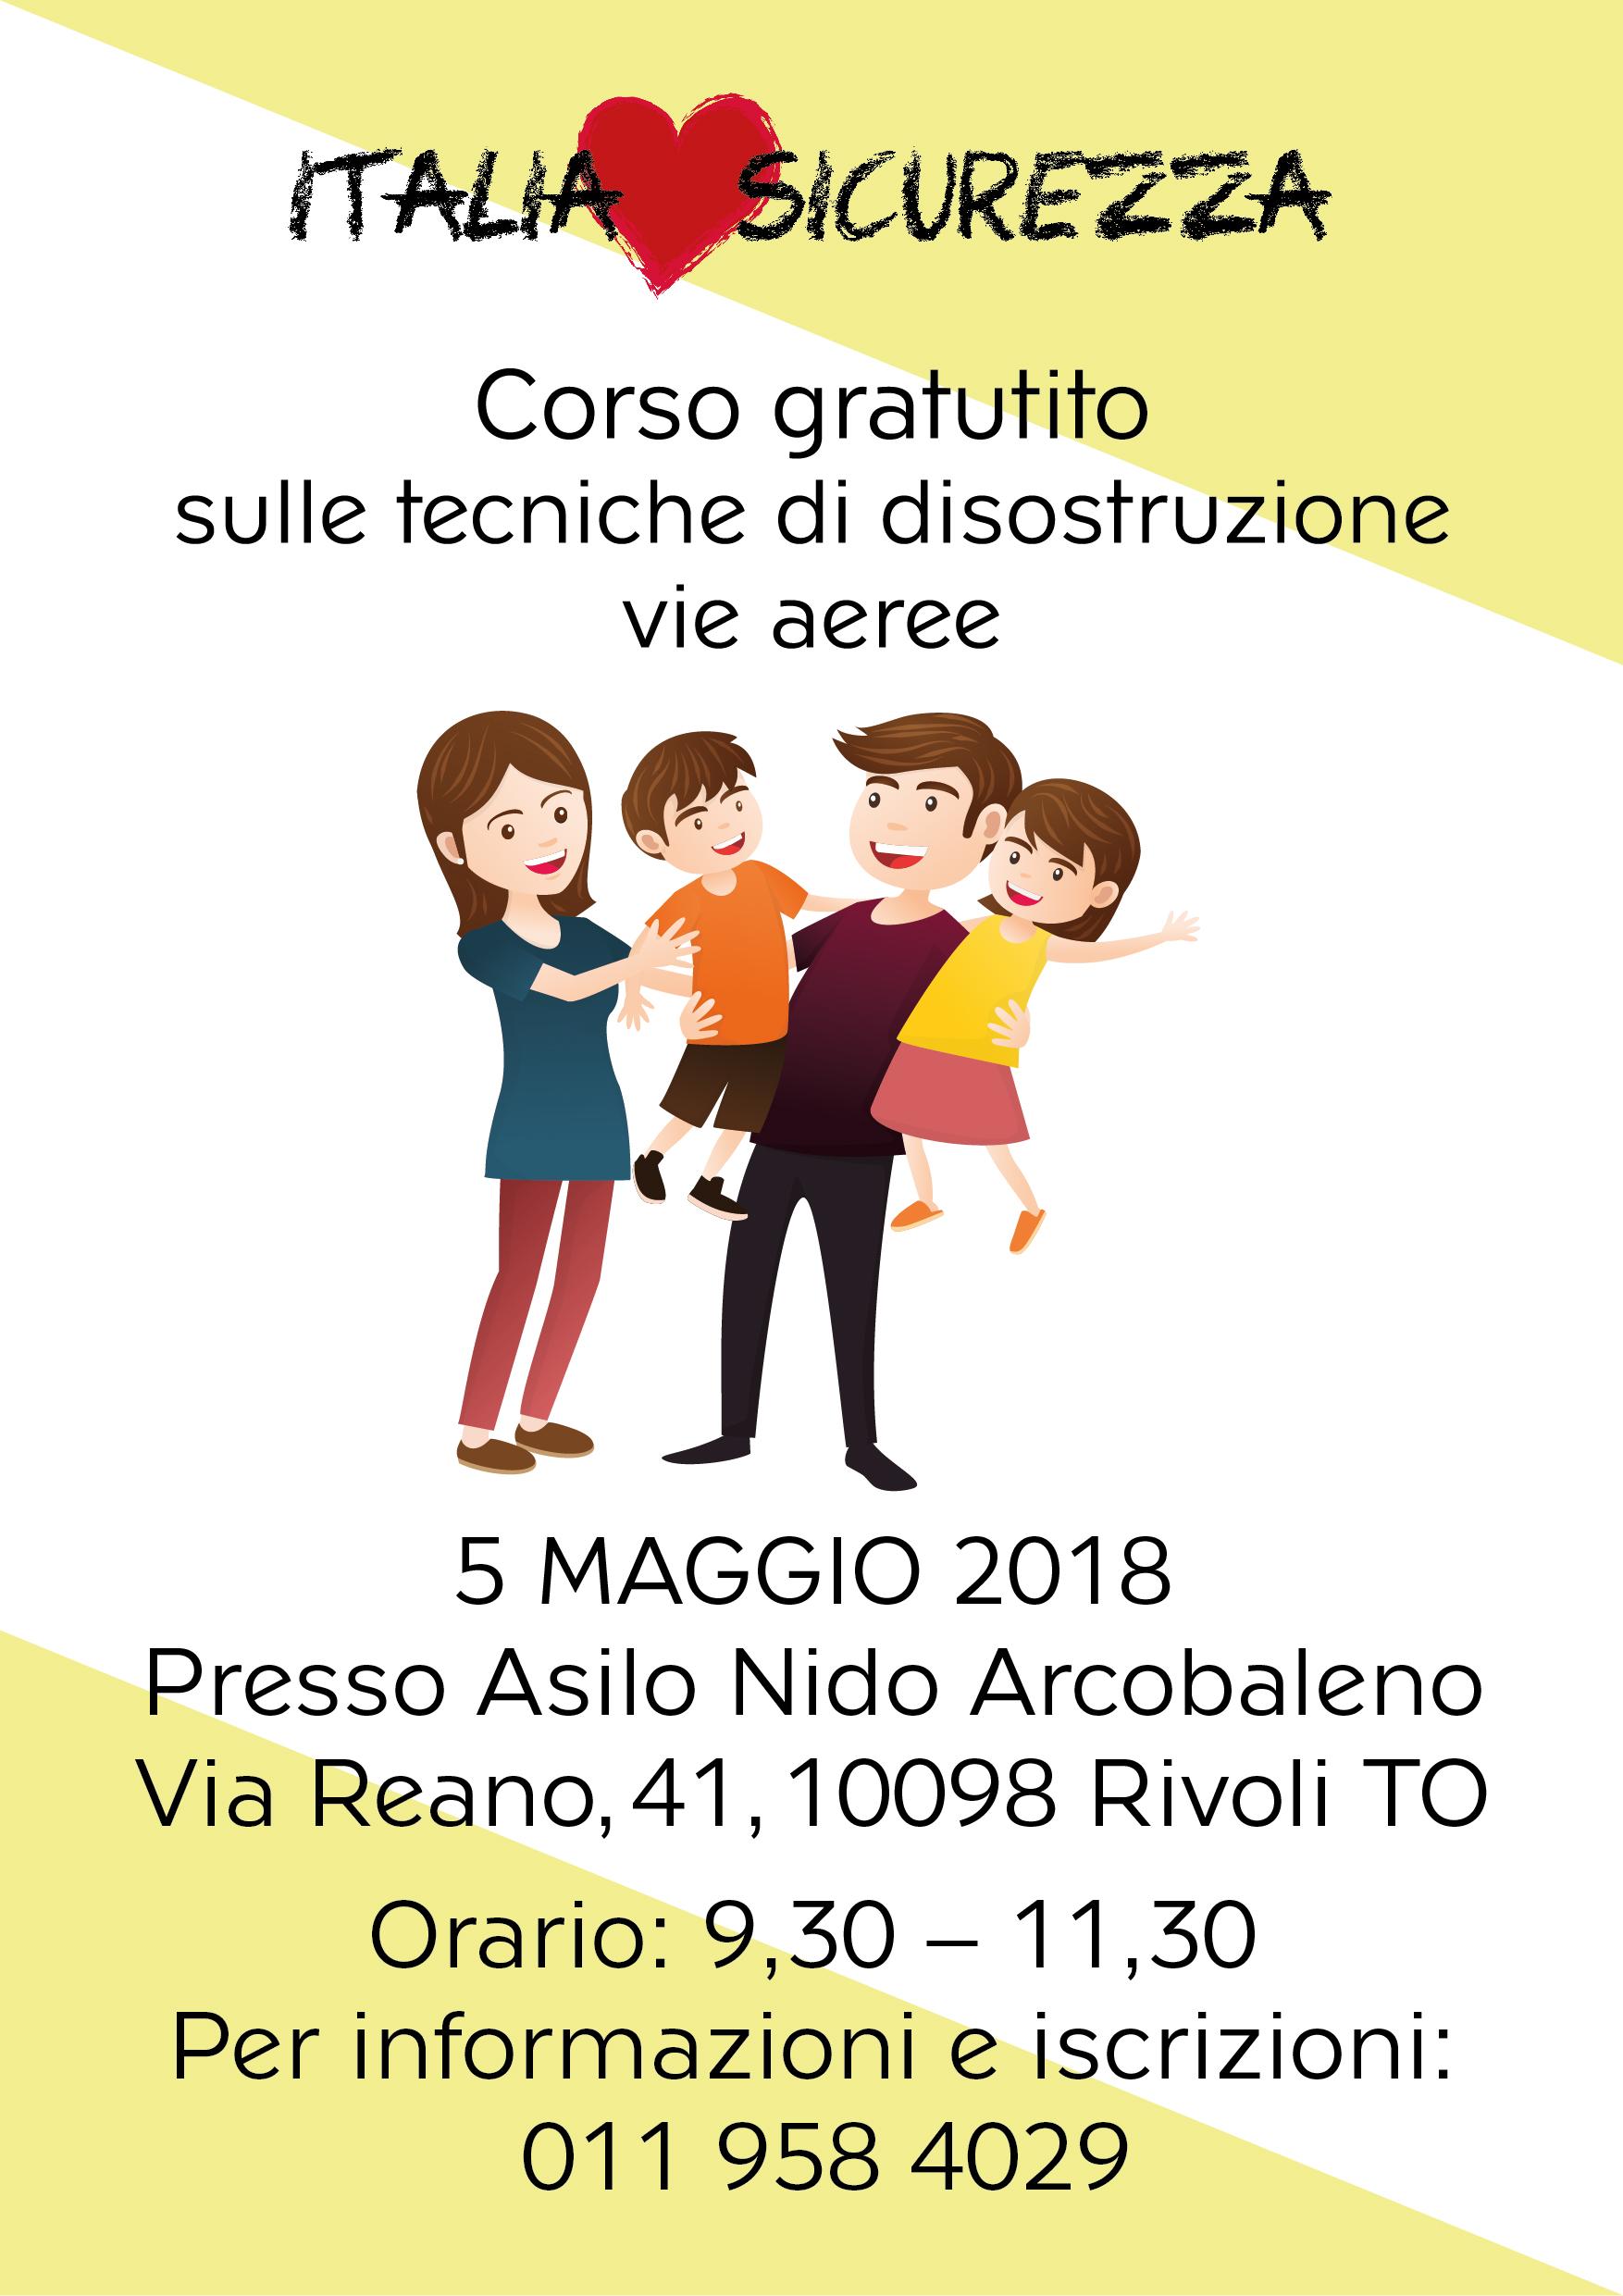 http://www.fondlhs.org/wp-content/uploads/2018/05/5-maggio-Corso-ostruzione-via-aeree-01.jpg